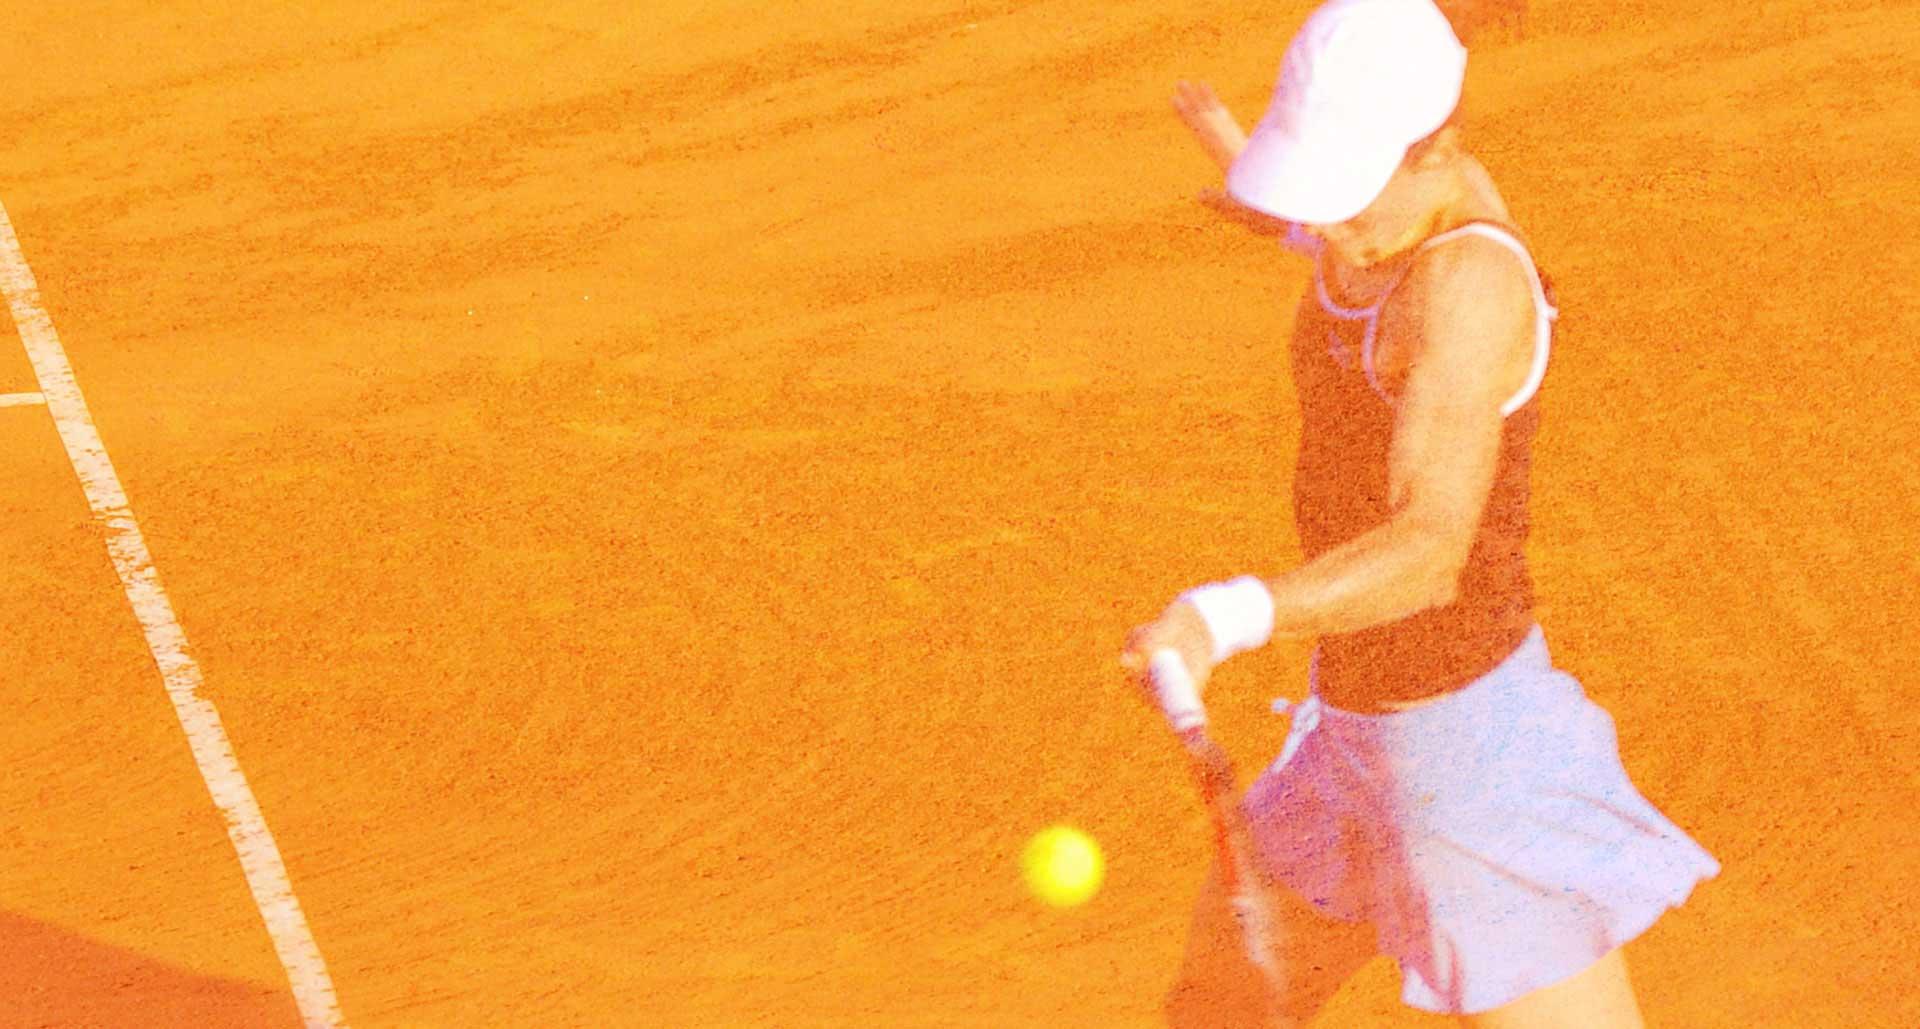 Pacotes de viagens, excursões e venda de tickets e ingressos para o torneio de tênis ATP de Roma, na Itália